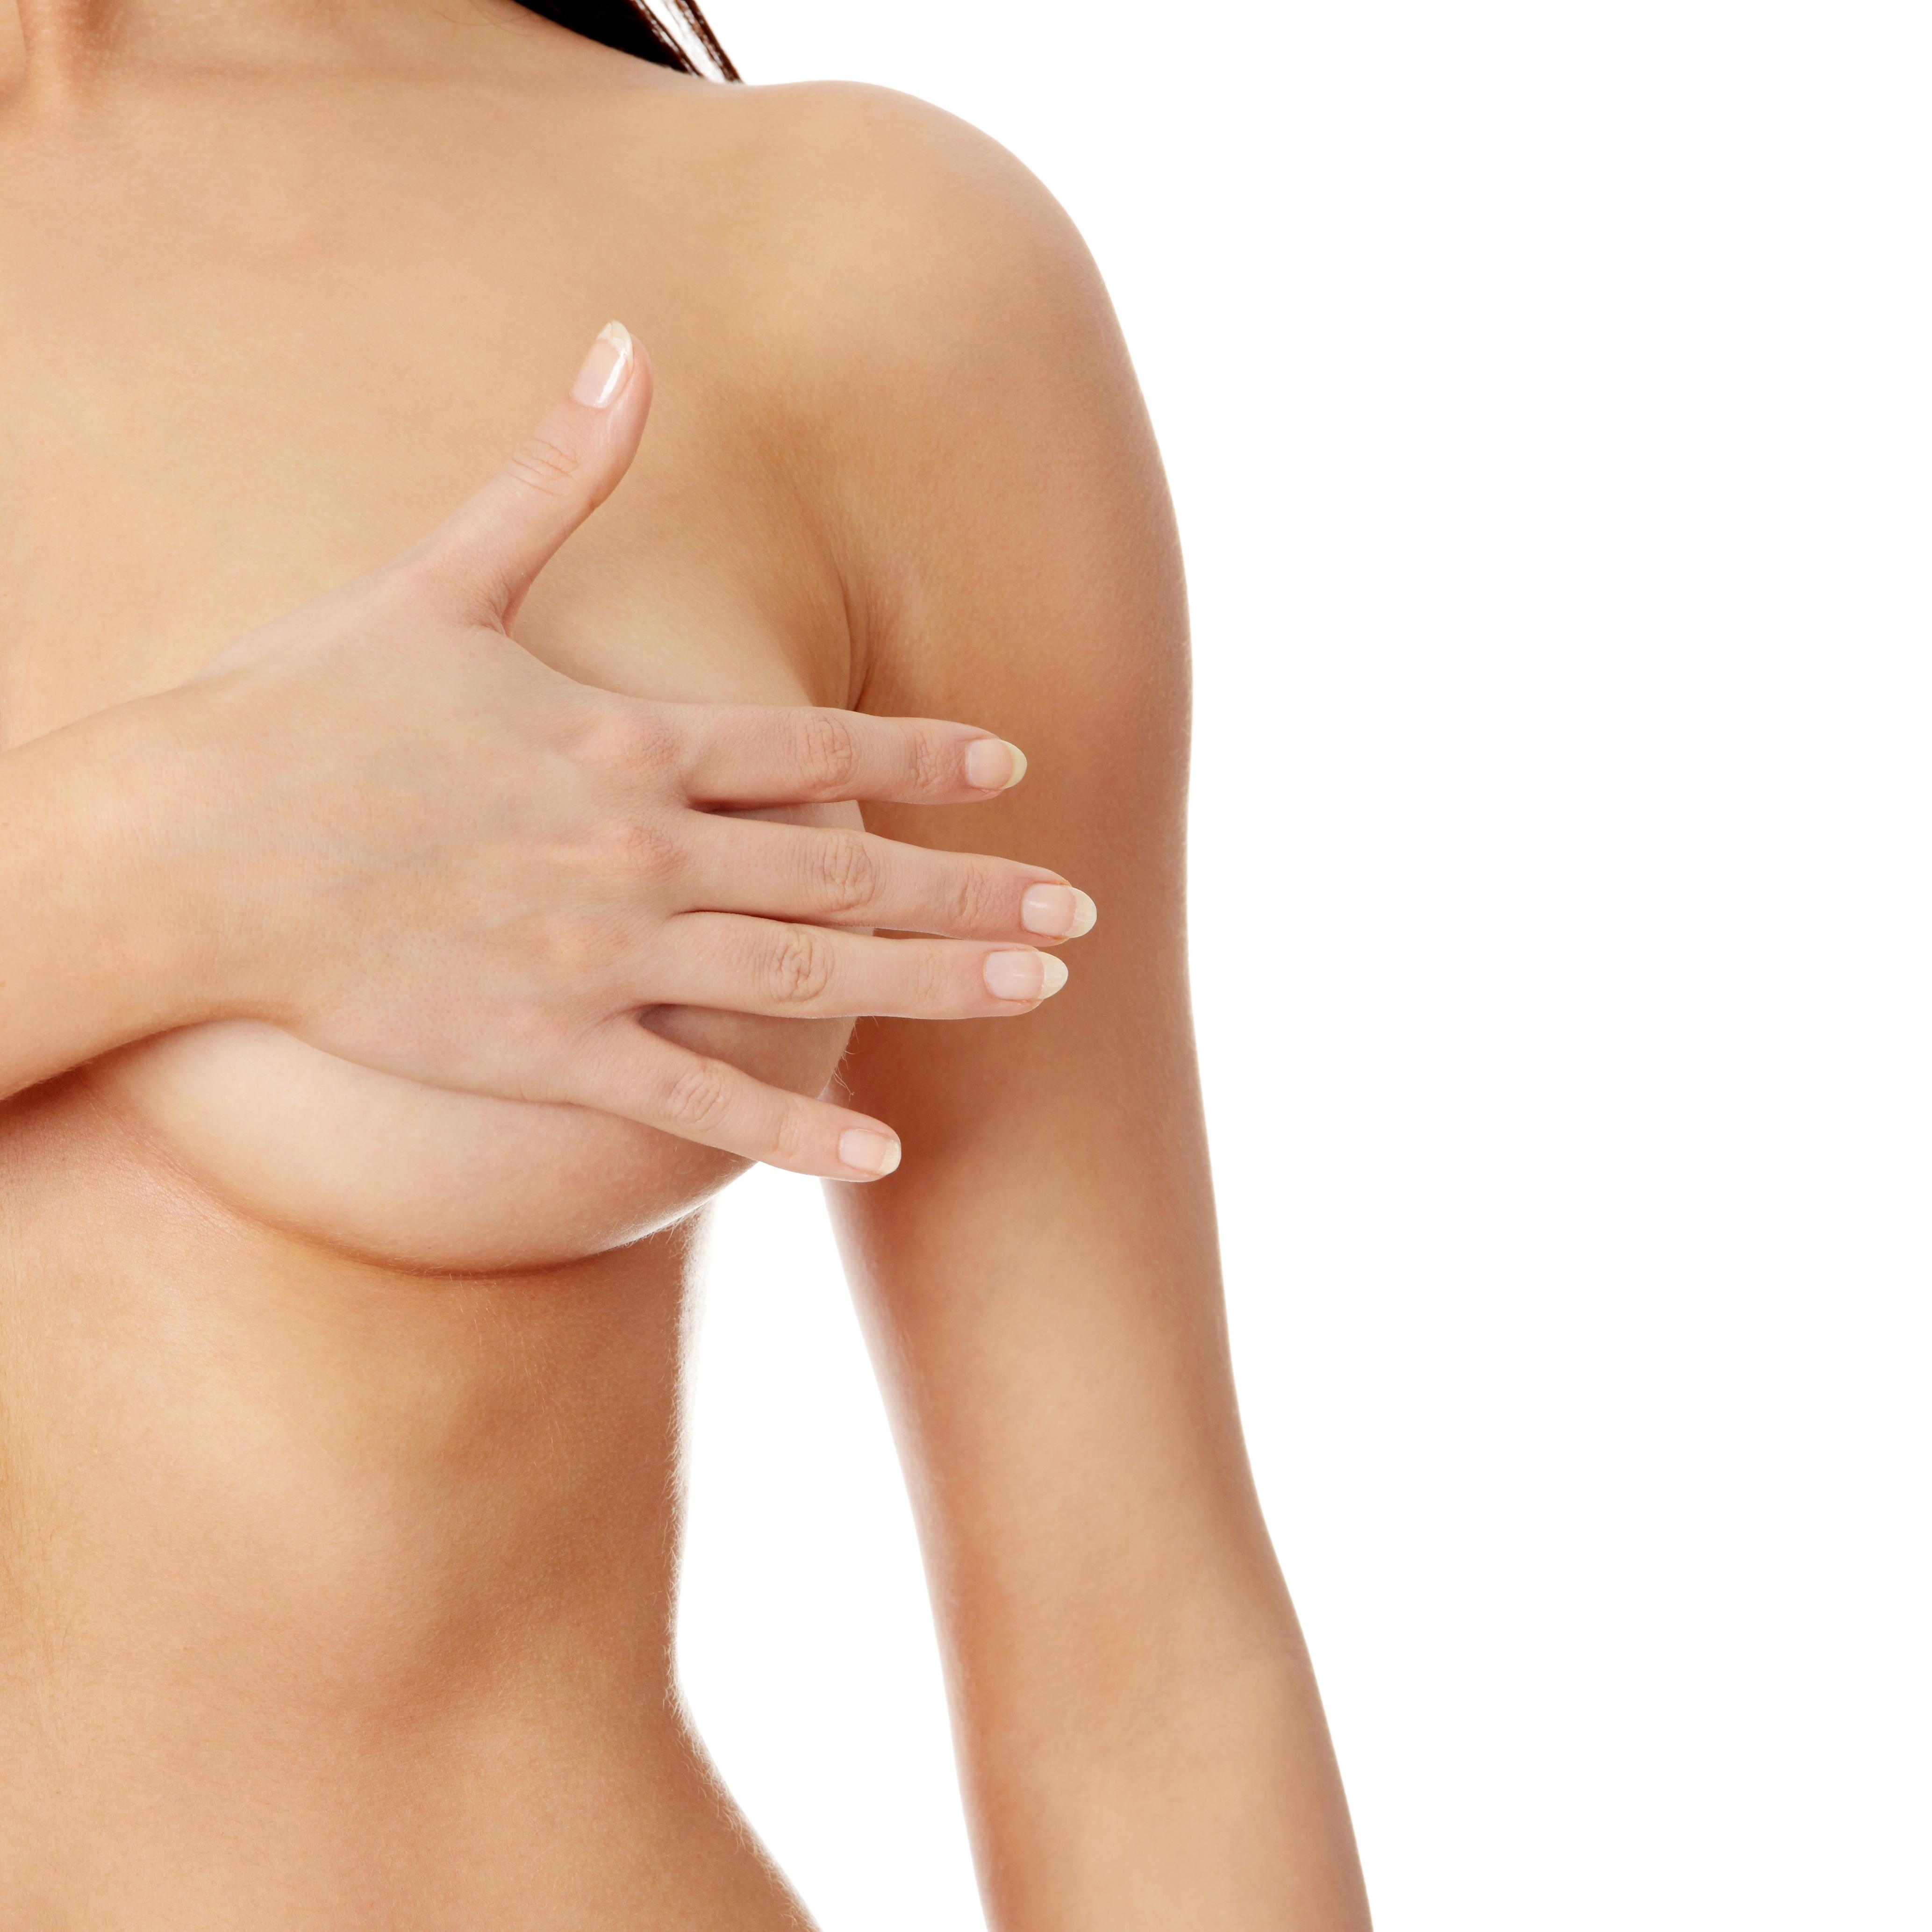 Основные формы женской груди: какие они бывают новые фото